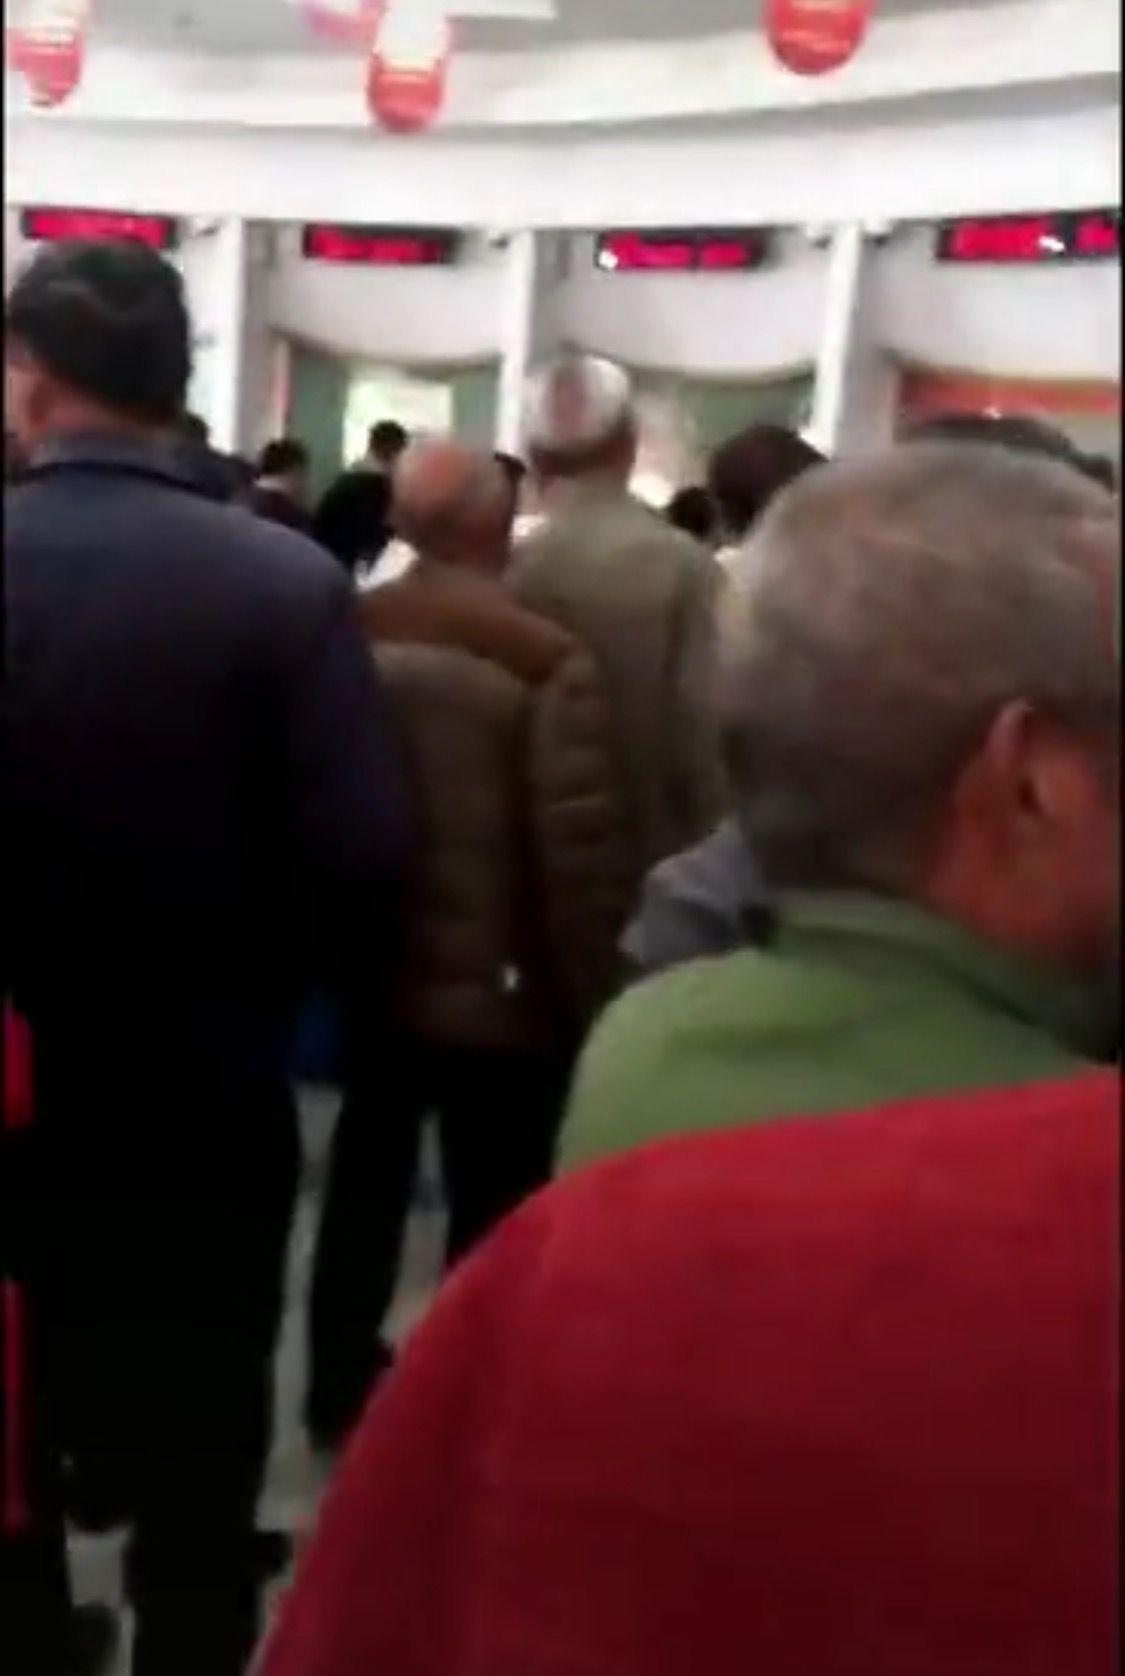 河南伊川农商行倒闭系谣言 网友因造谣被拘5日